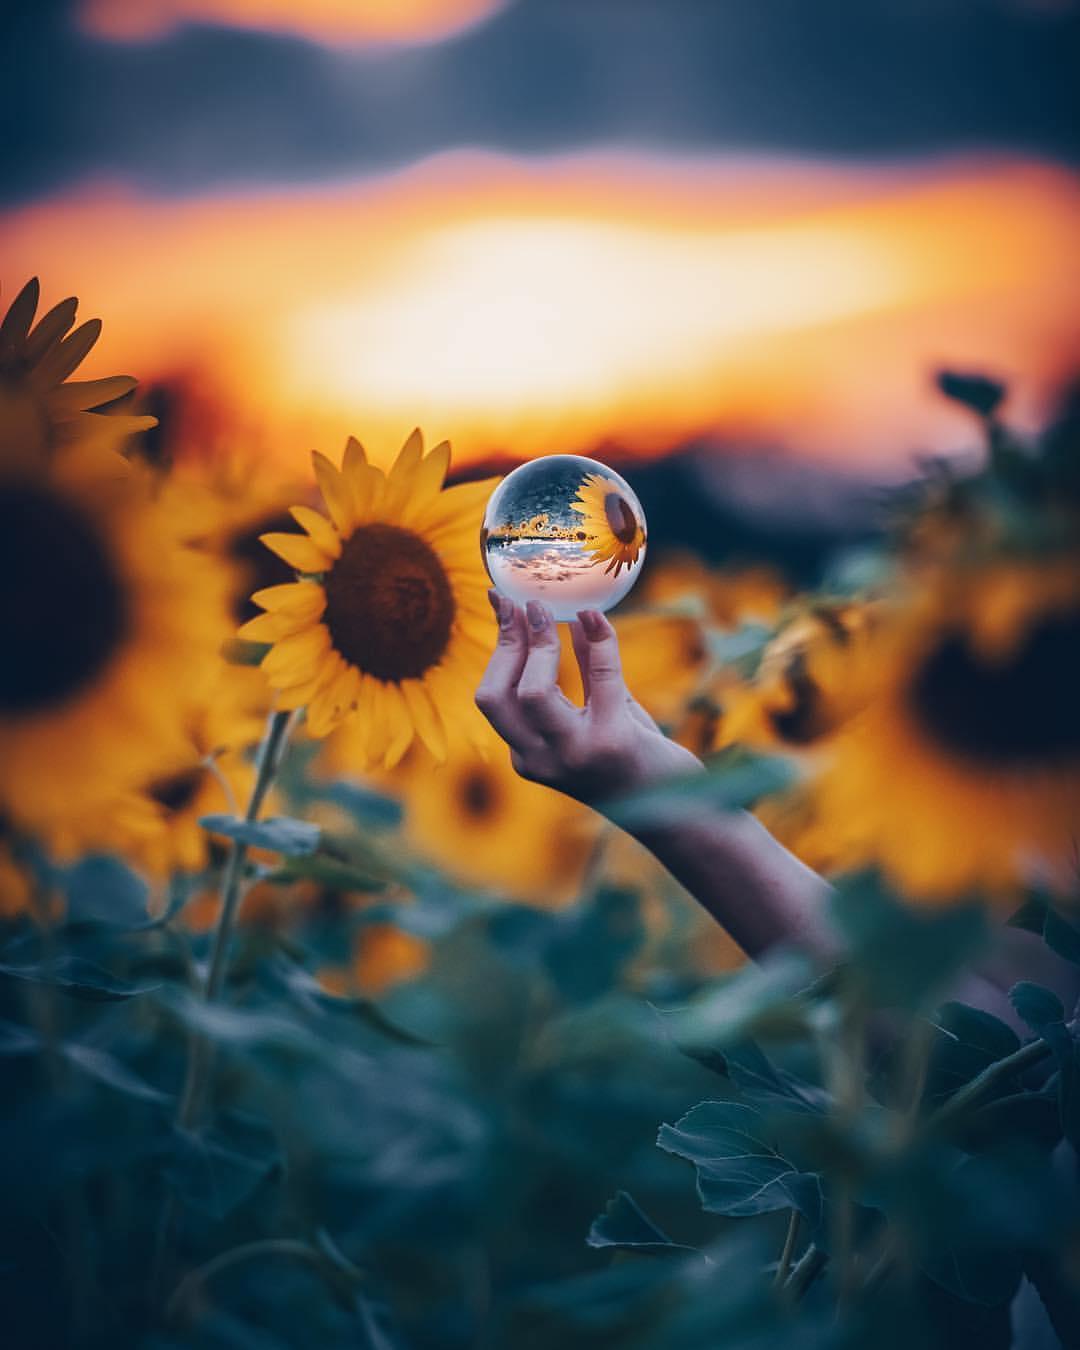 Фото В руке девушки шарик, в котором отражаются подсолнухи